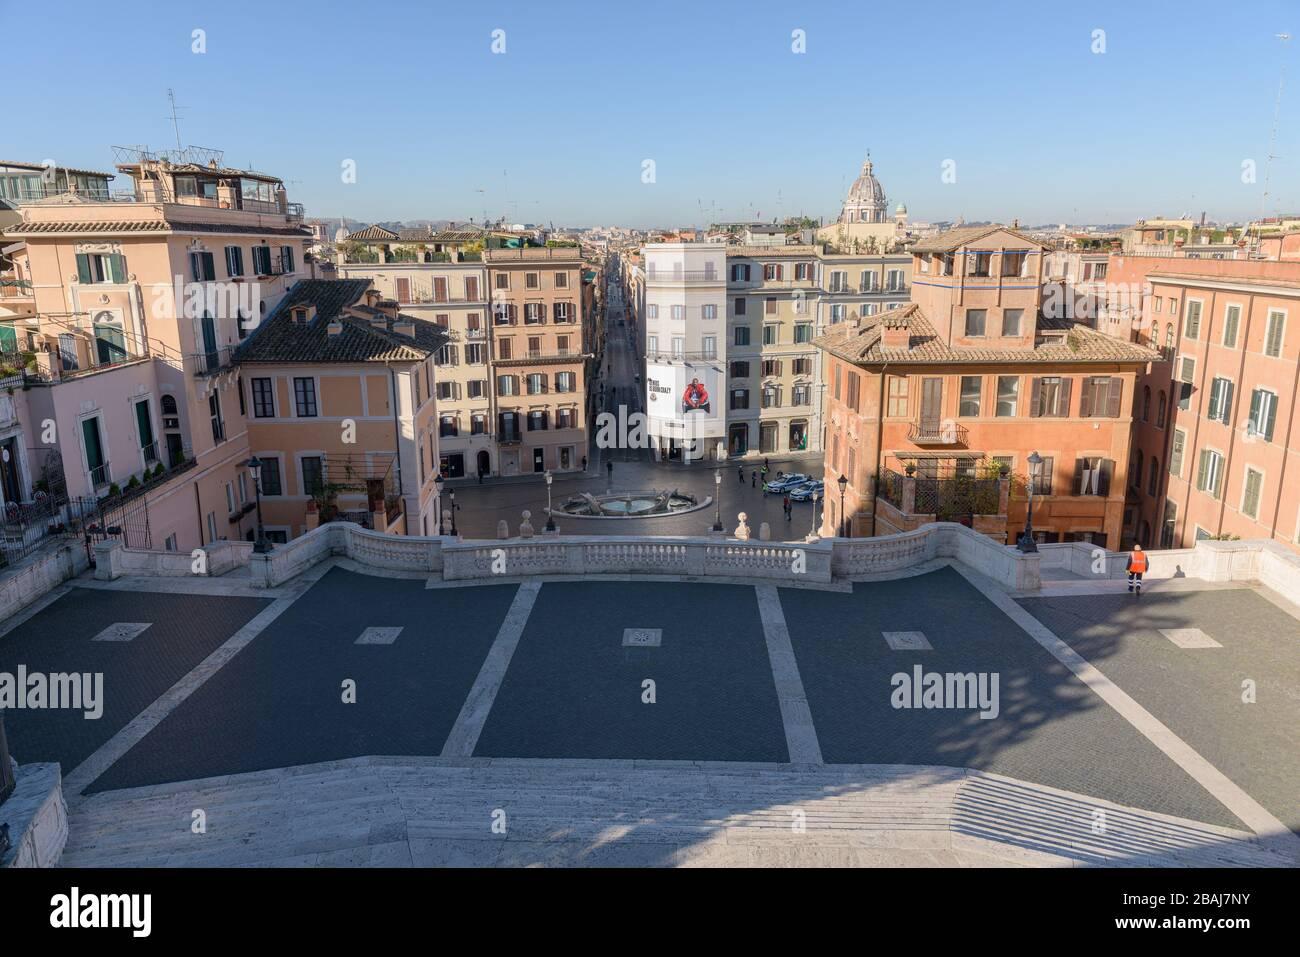 ROMA, ITALIA - 12 de marzo de 2020: Un limpiador de calles sube por la popular escalinata española, abandonado hoy, una vista rara en Roma, Italia. El gobierno italiano Foto de stock